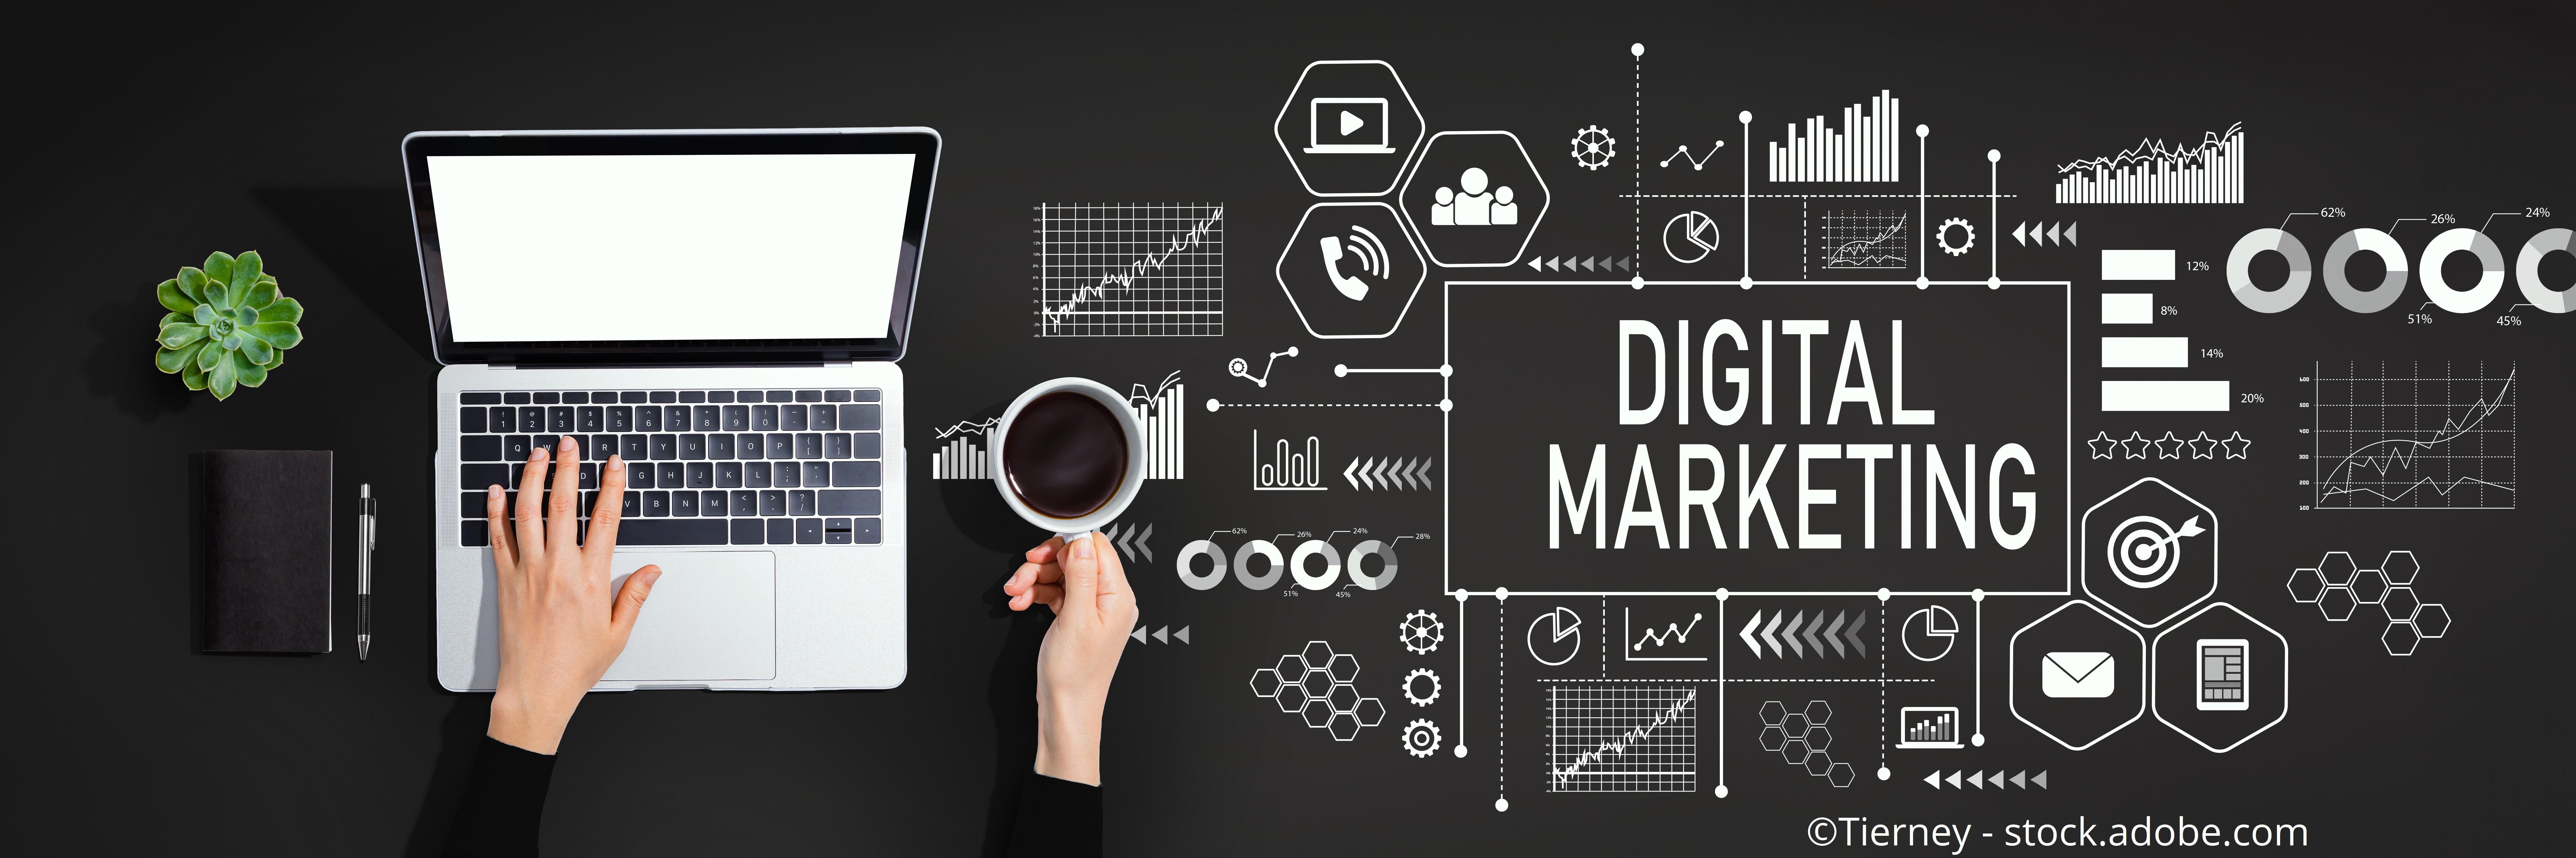 Workshop Digitale Wertschöpfung